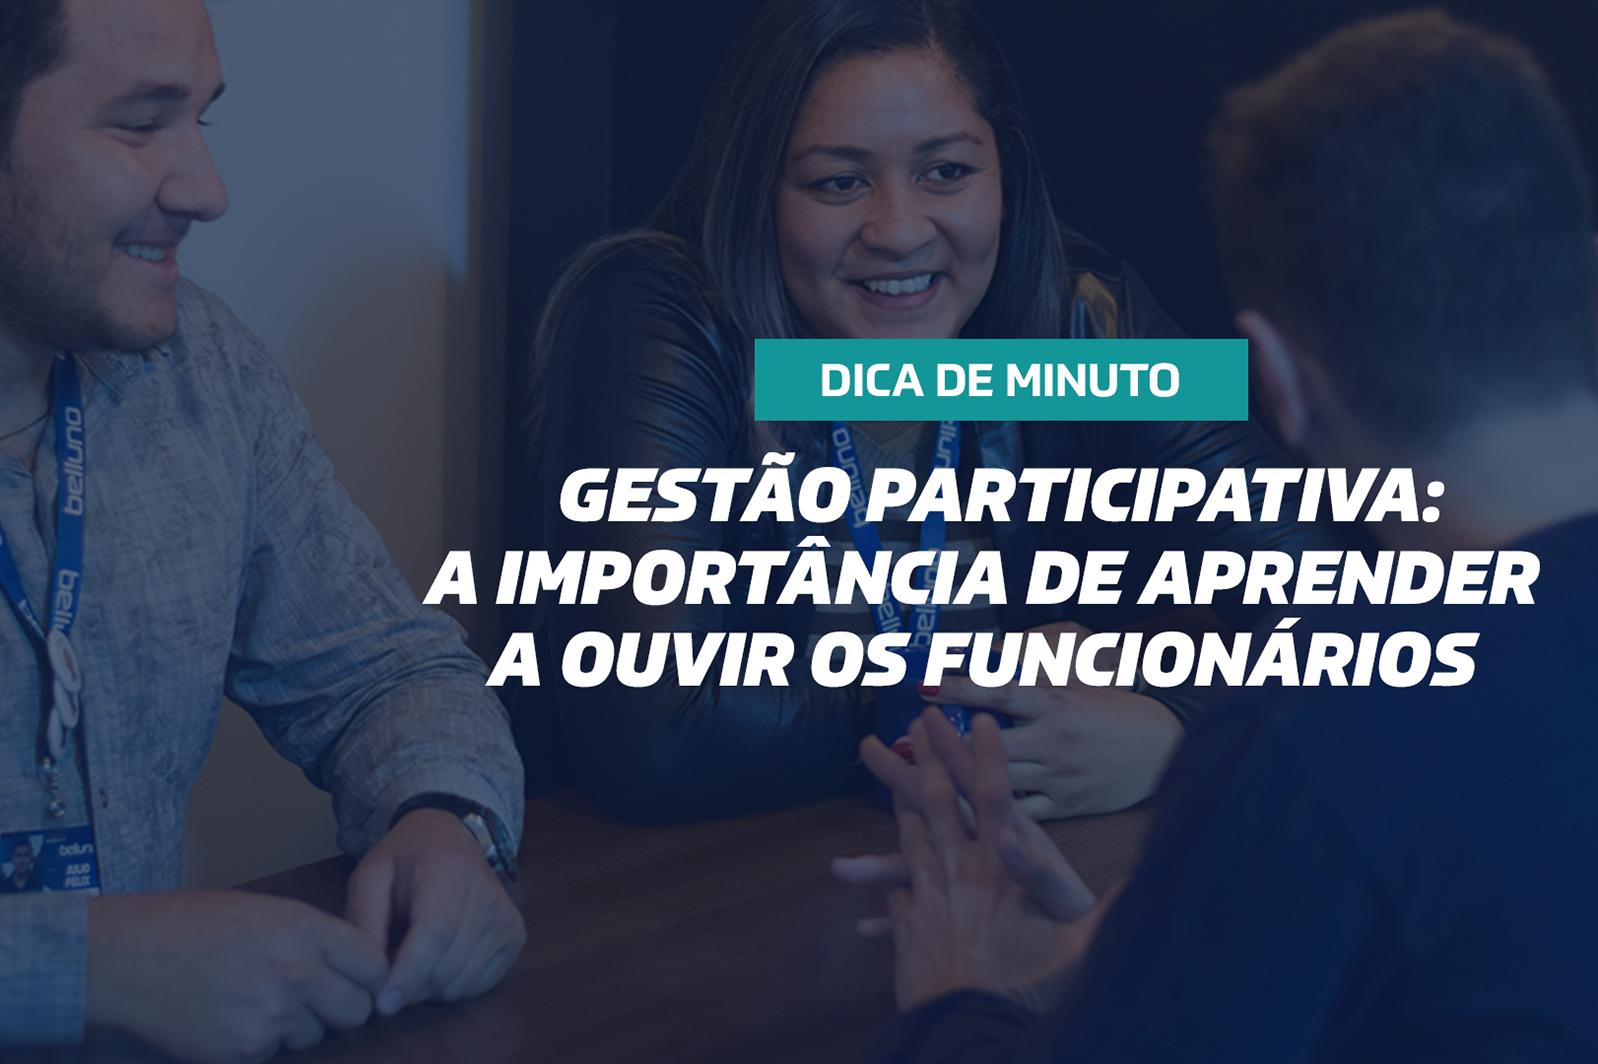 Gestão participativa: a importância de aprender a ouvir os funcionários